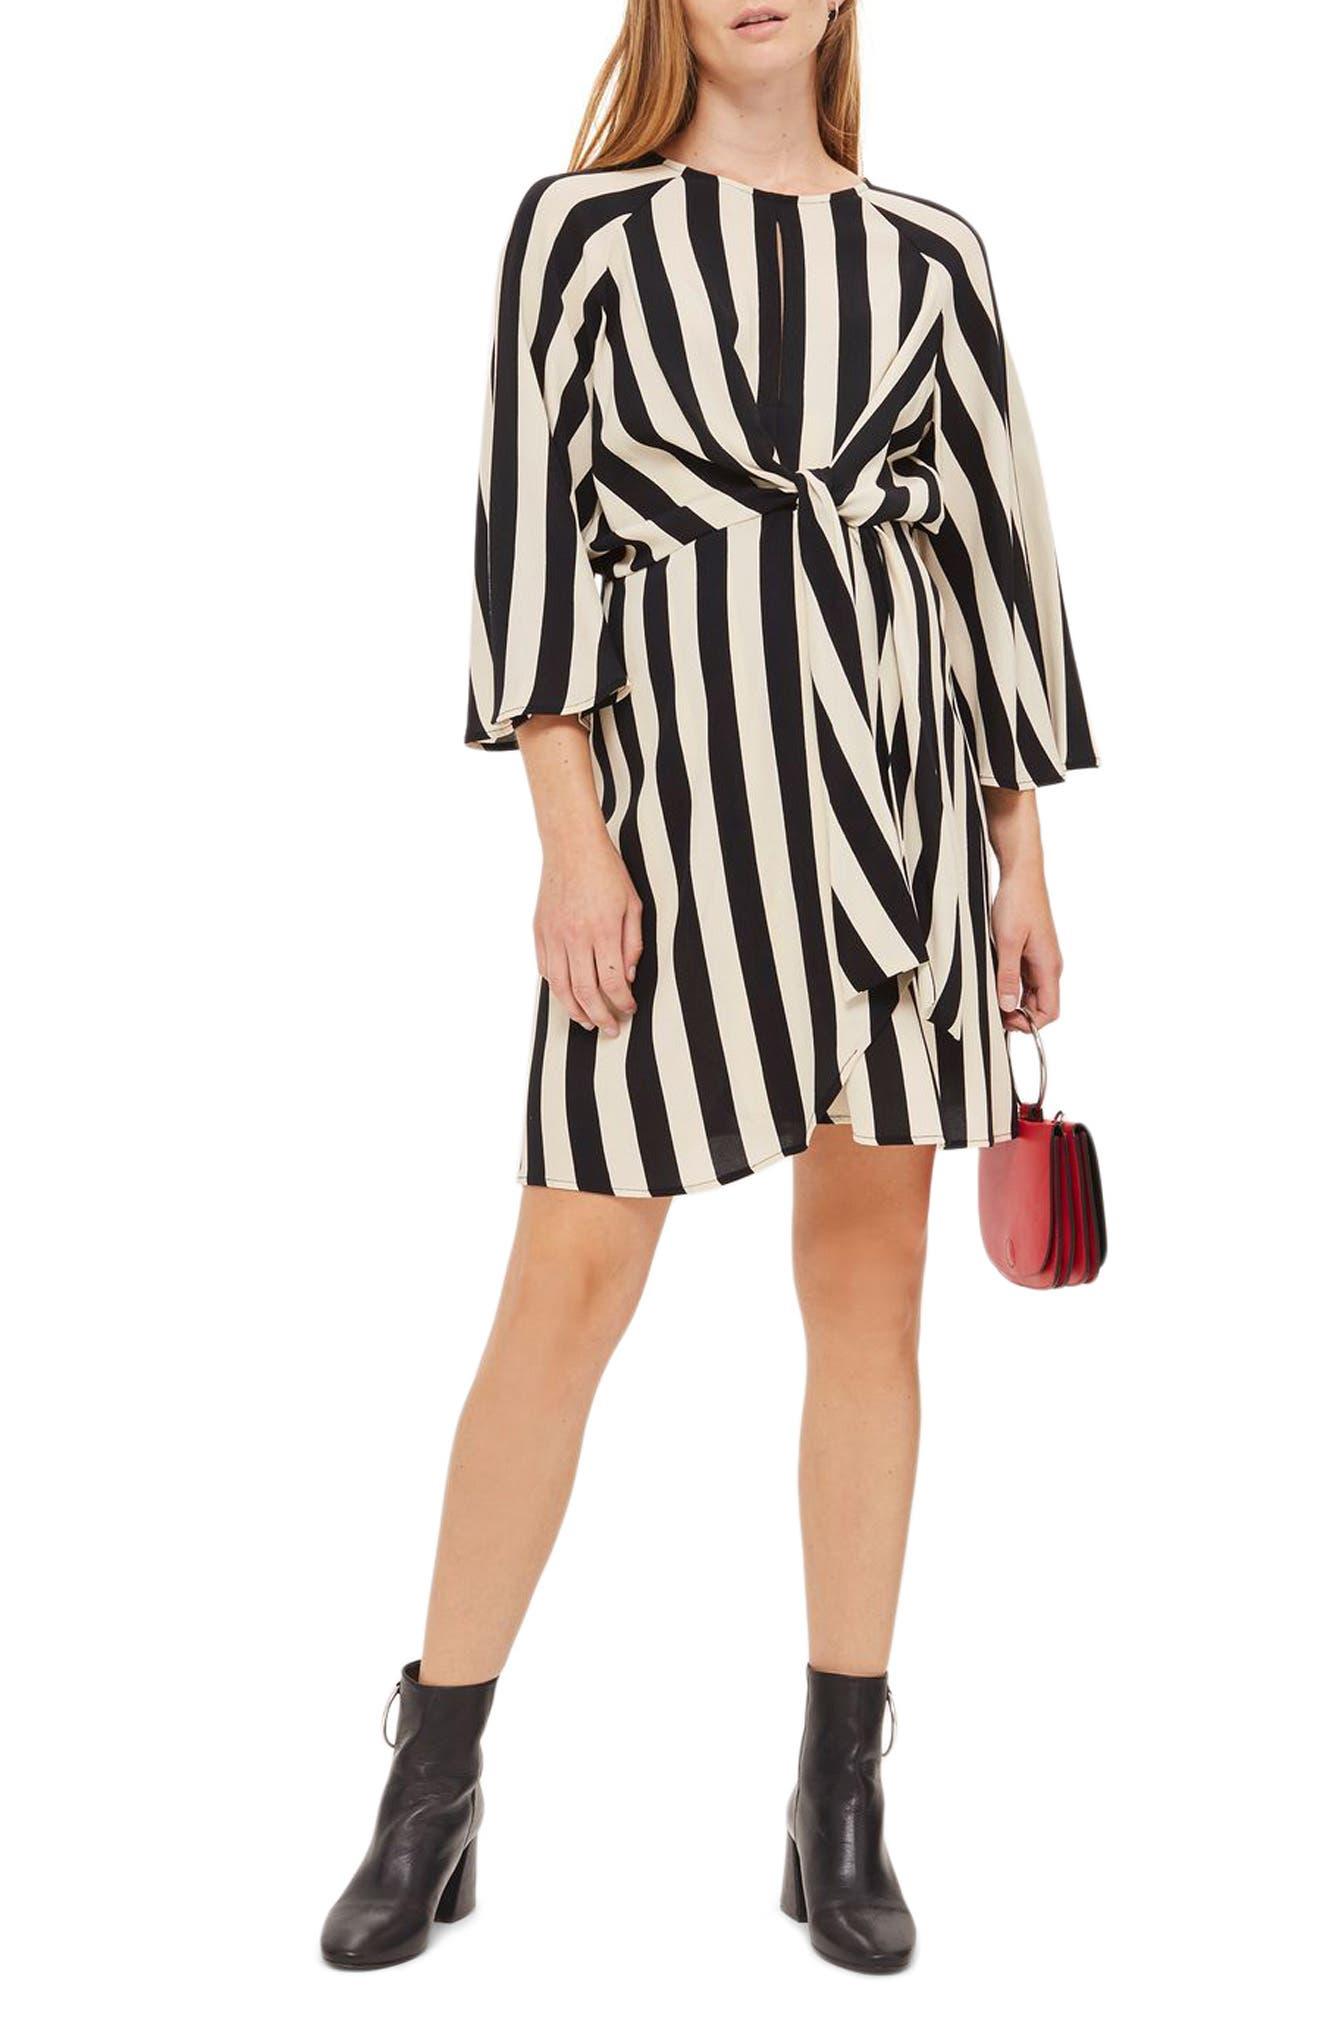 Humbug Stripe Knot Maternity Dress,                             Main thumbnail 1, color,                             900